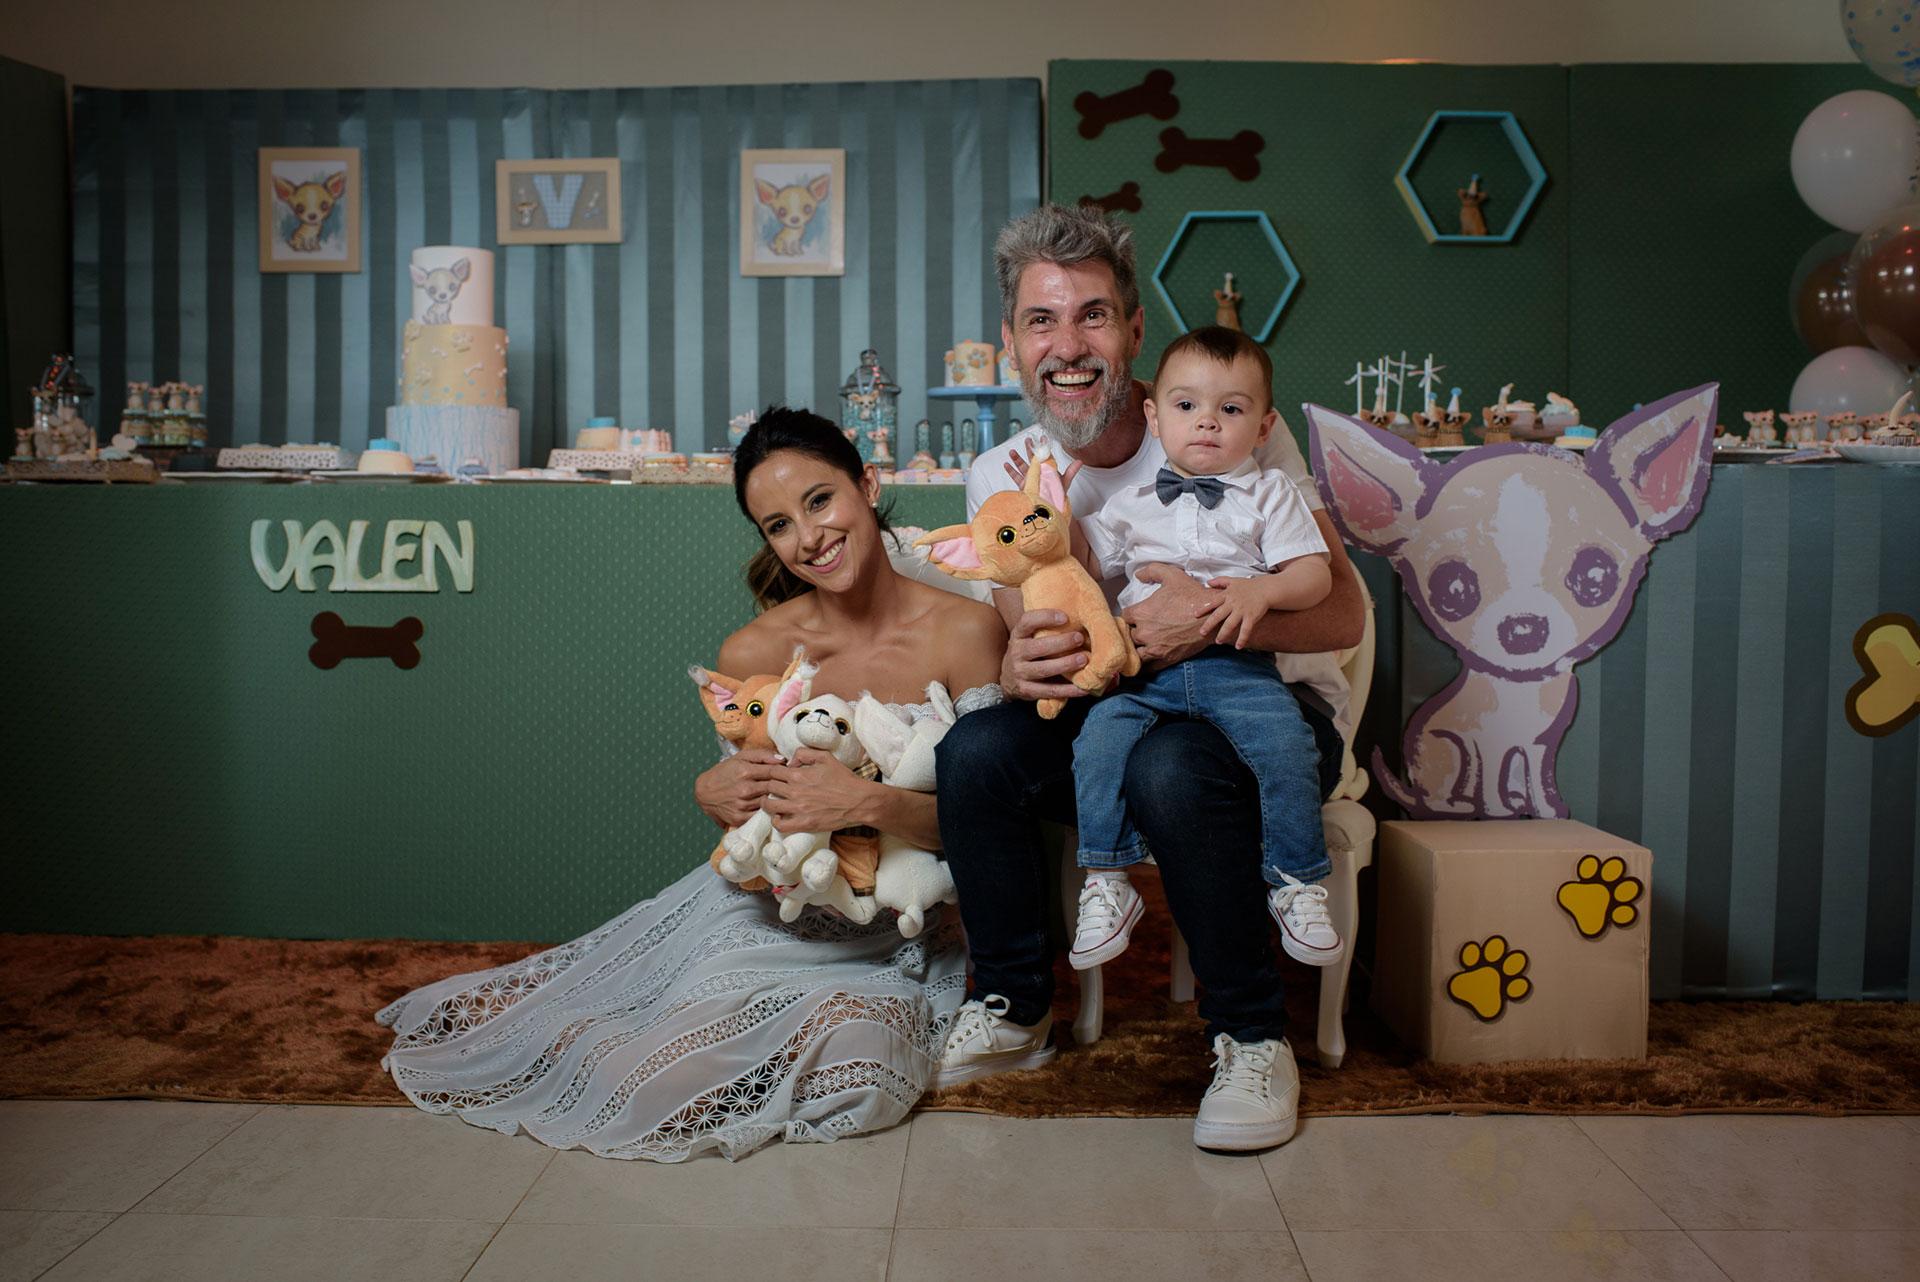 Lourdes Sánchez y el Chato Prada festejaron el primer añito de su hijo Valentín con una gran celebración en el Tattersall de Palermo para más de cien invitados